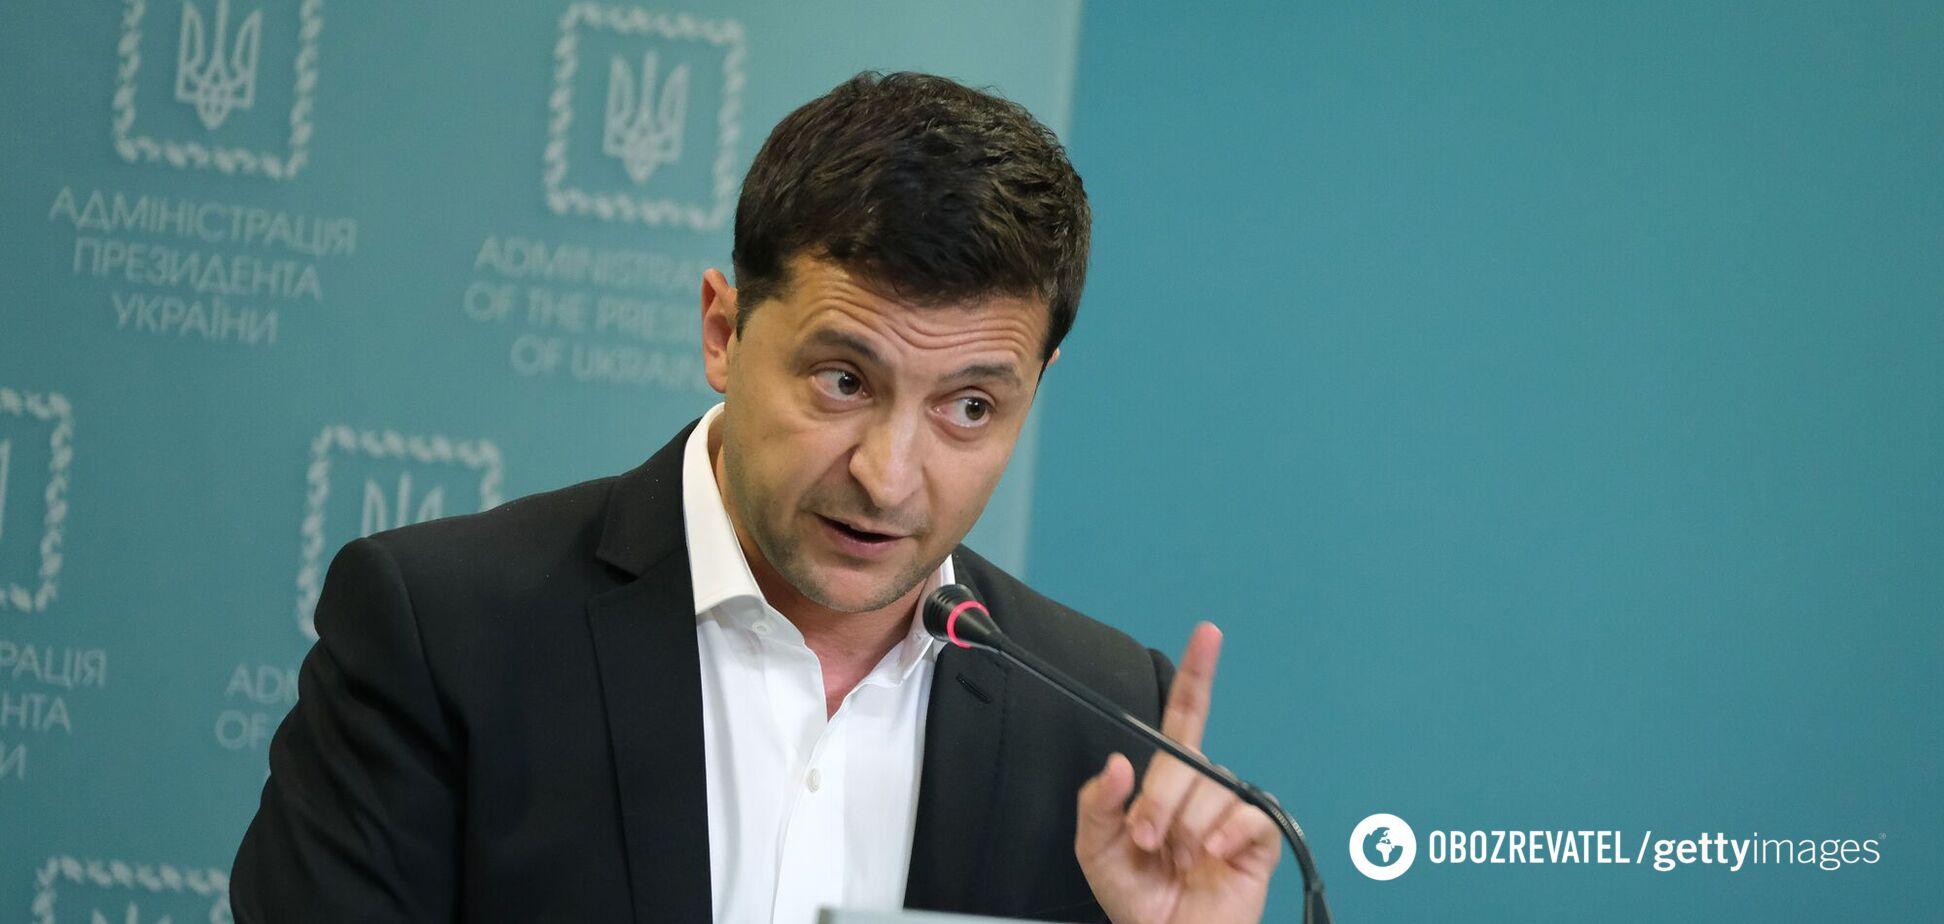 Чому гроші з 'коронавірусного' фонду витратили на дороги: Зеленський пояснив